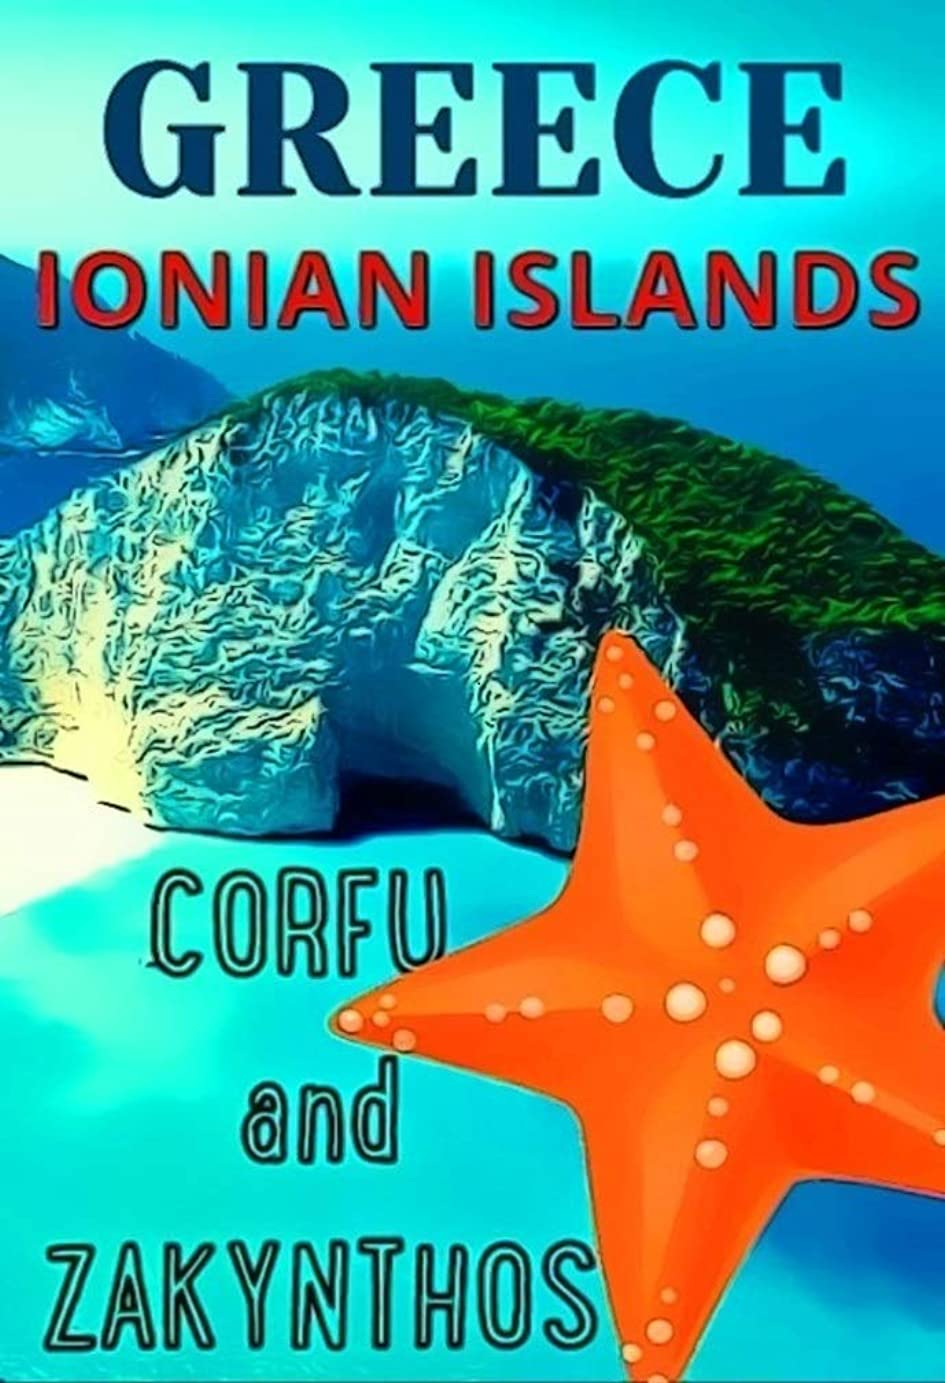 記述するマージバーターGreece, Ionian Islands (Corfu & Zakynthos): The Best Beach Vacation Spots in the Greek Ionian Islands. An Overview of the Places to Visit in Corfu and Zakynthos. (English Edition)